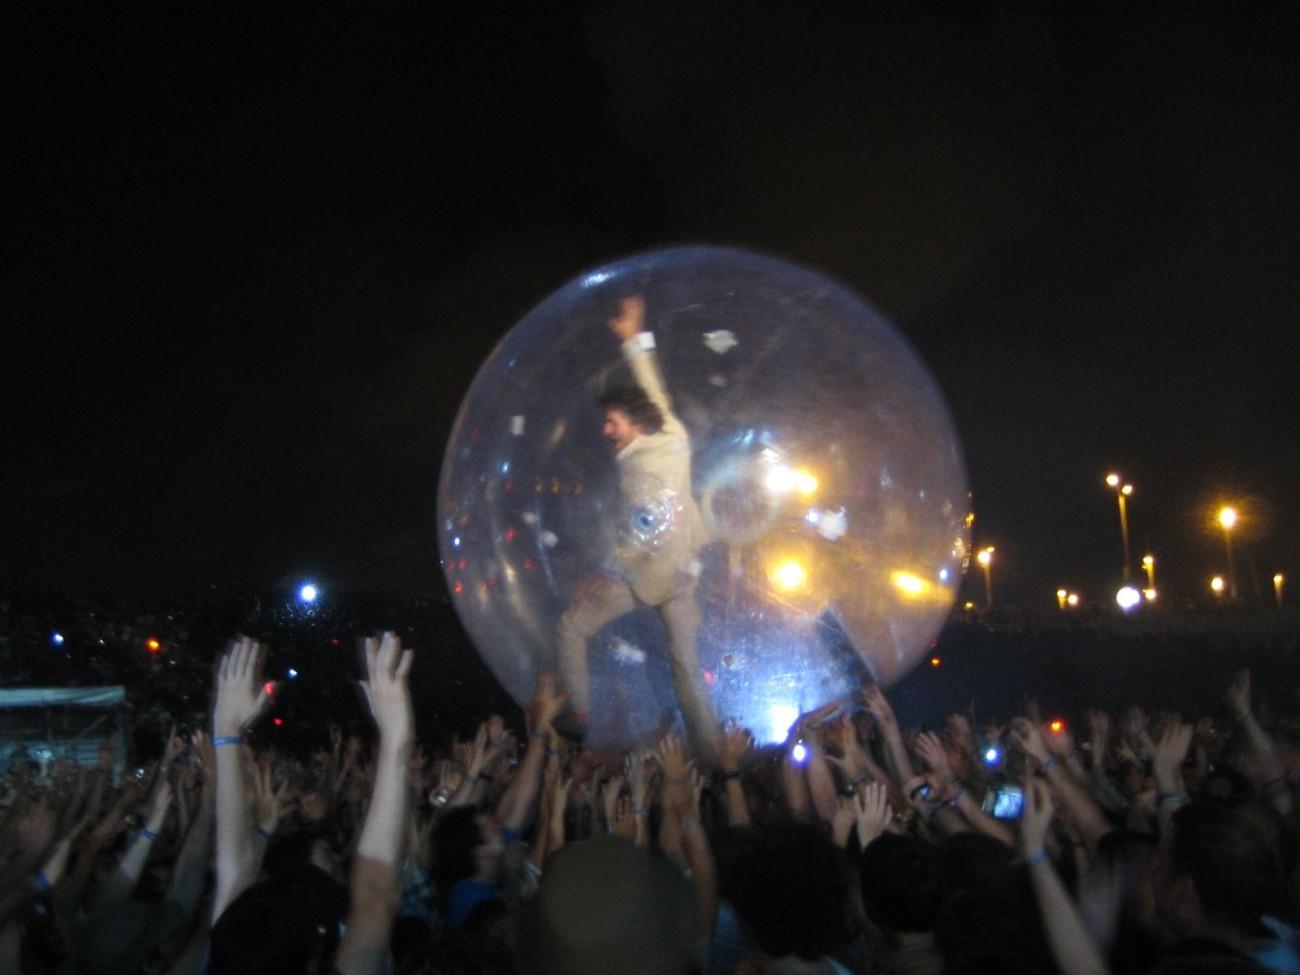 Wayne Coyne gehört zu den Menschen, die sich gerne in einer Luftblase übers Publikum tragen lassen